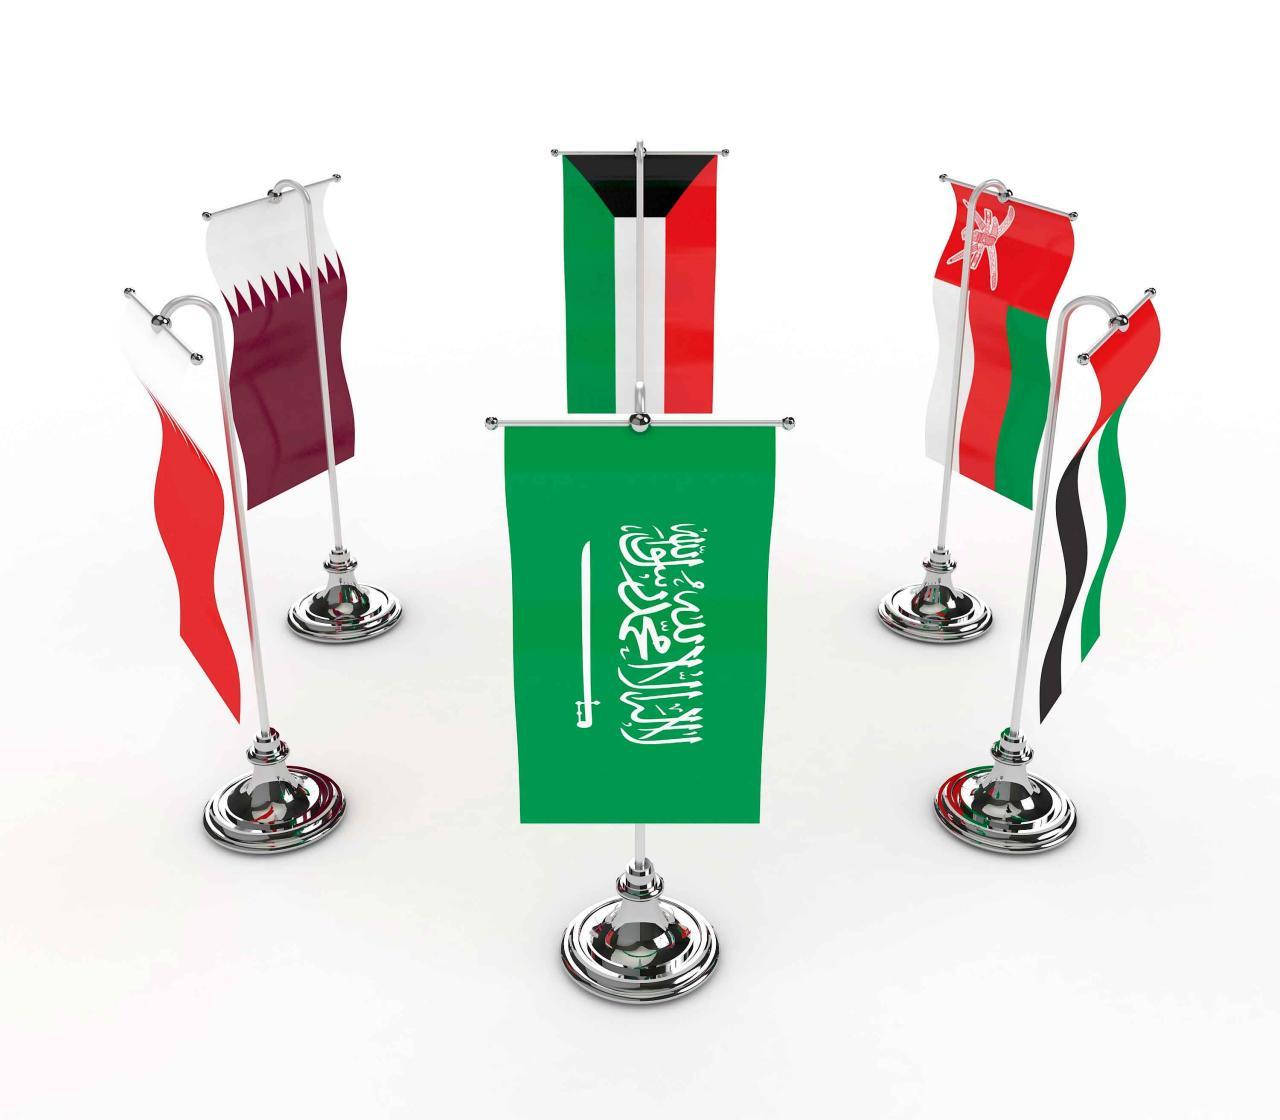 بالصور دول مجلس التعاون الخليجي , ماهي الدول التي يحتوي عليها مجلس التعاون الخليجي 319